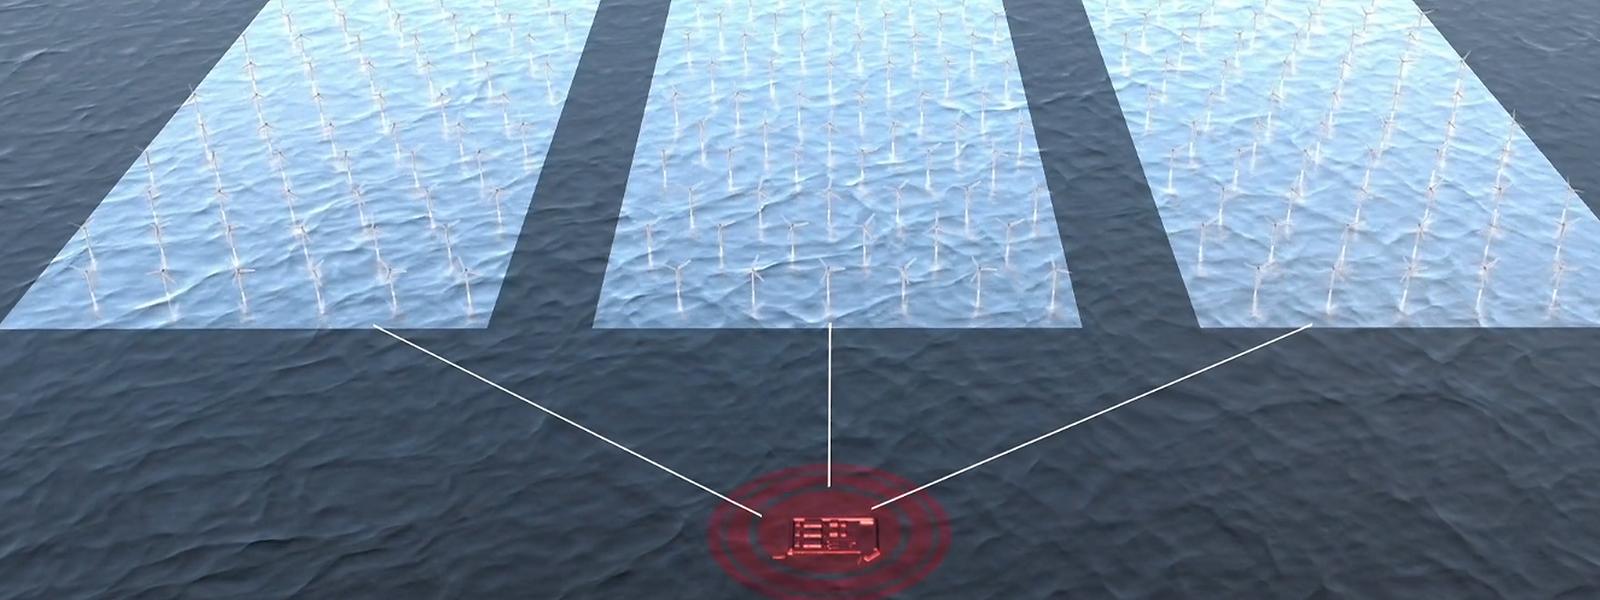 Noch ist es nur eine Animation: vor der dänischen Küste soll ein riesiger Windpark entstehen mit einer künstlichen Insel als Knotenpunkt, der den Strom in verschiedene Länder verteilt.